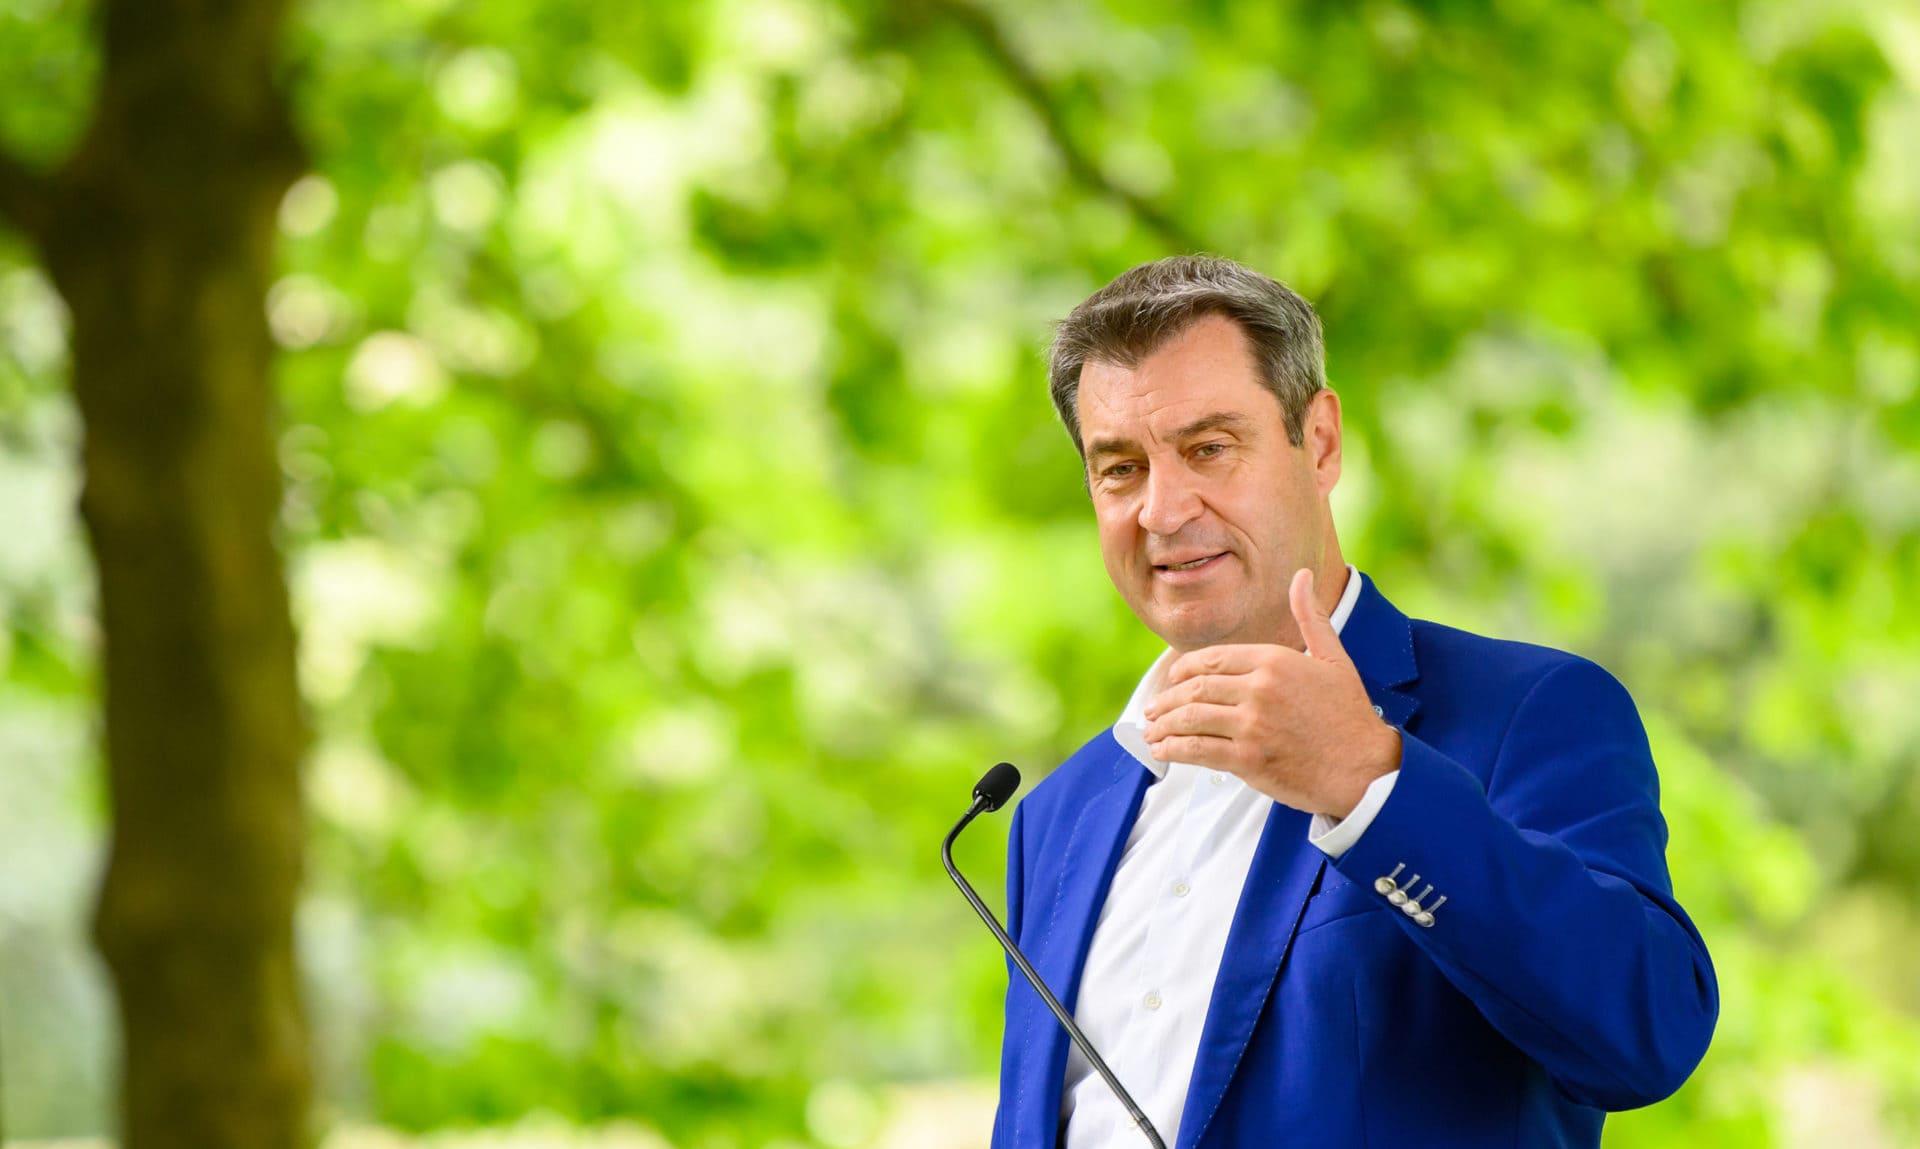 """Markus Söder: """"Der Schutz des Lebens steht an oberster Stelle!"""" Großes Sommer-Interview"""